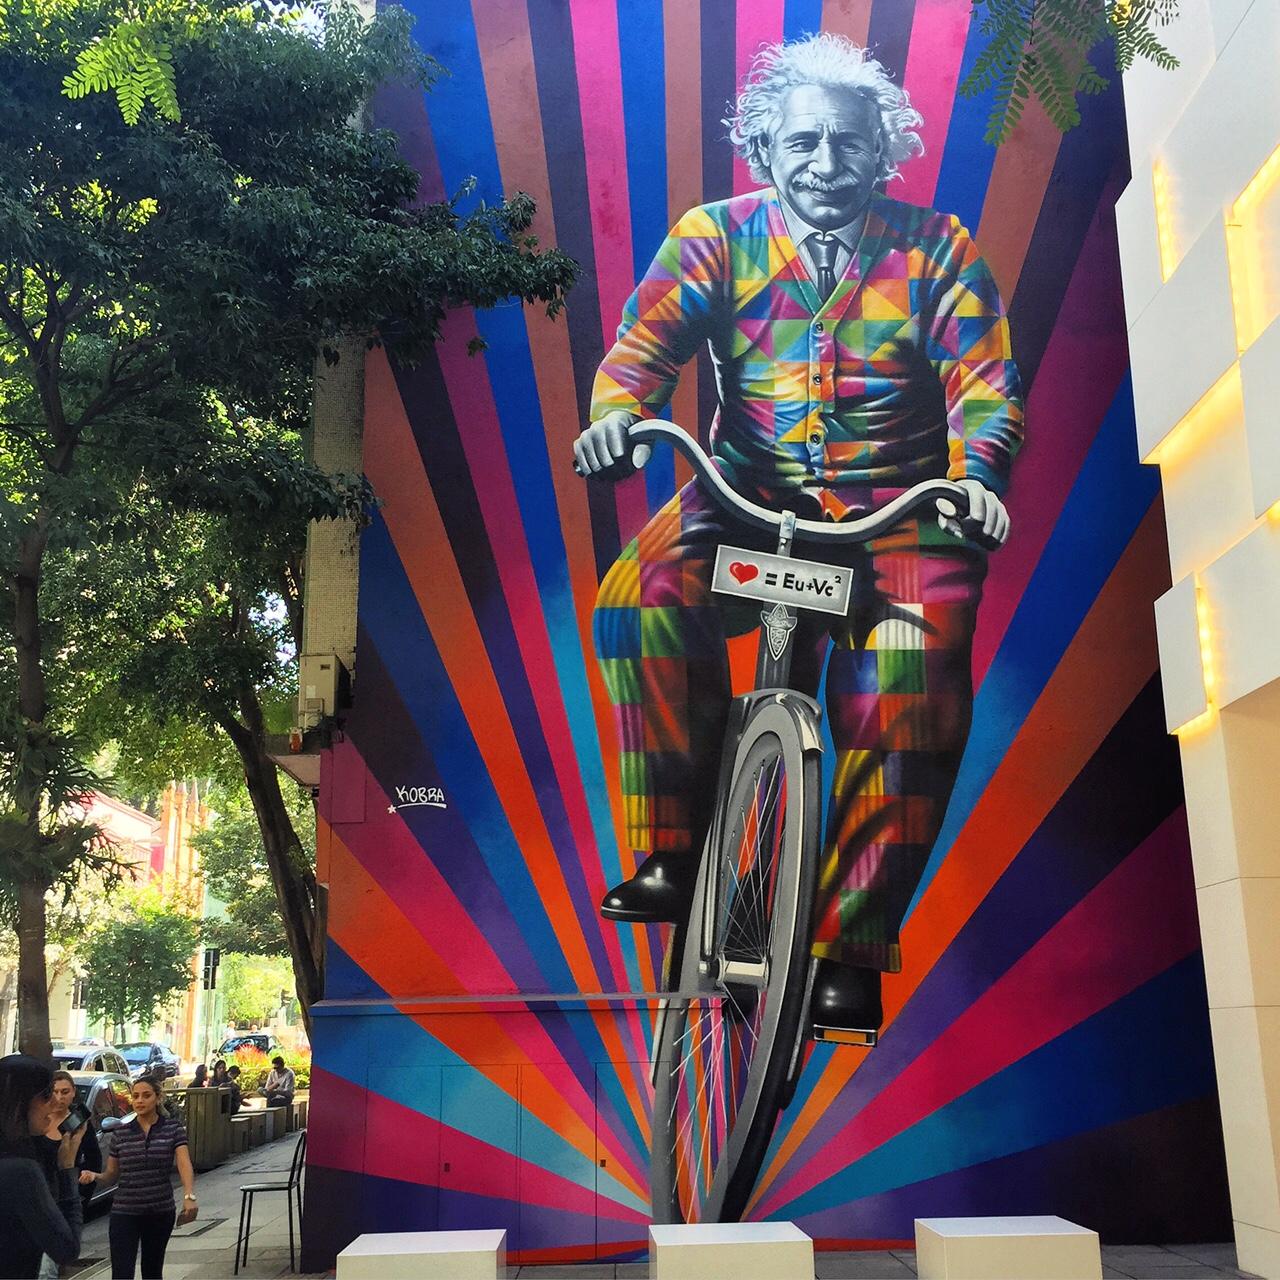 Genial is riding a bike. Street Art by Kobra in São Paulo, Brazil 2